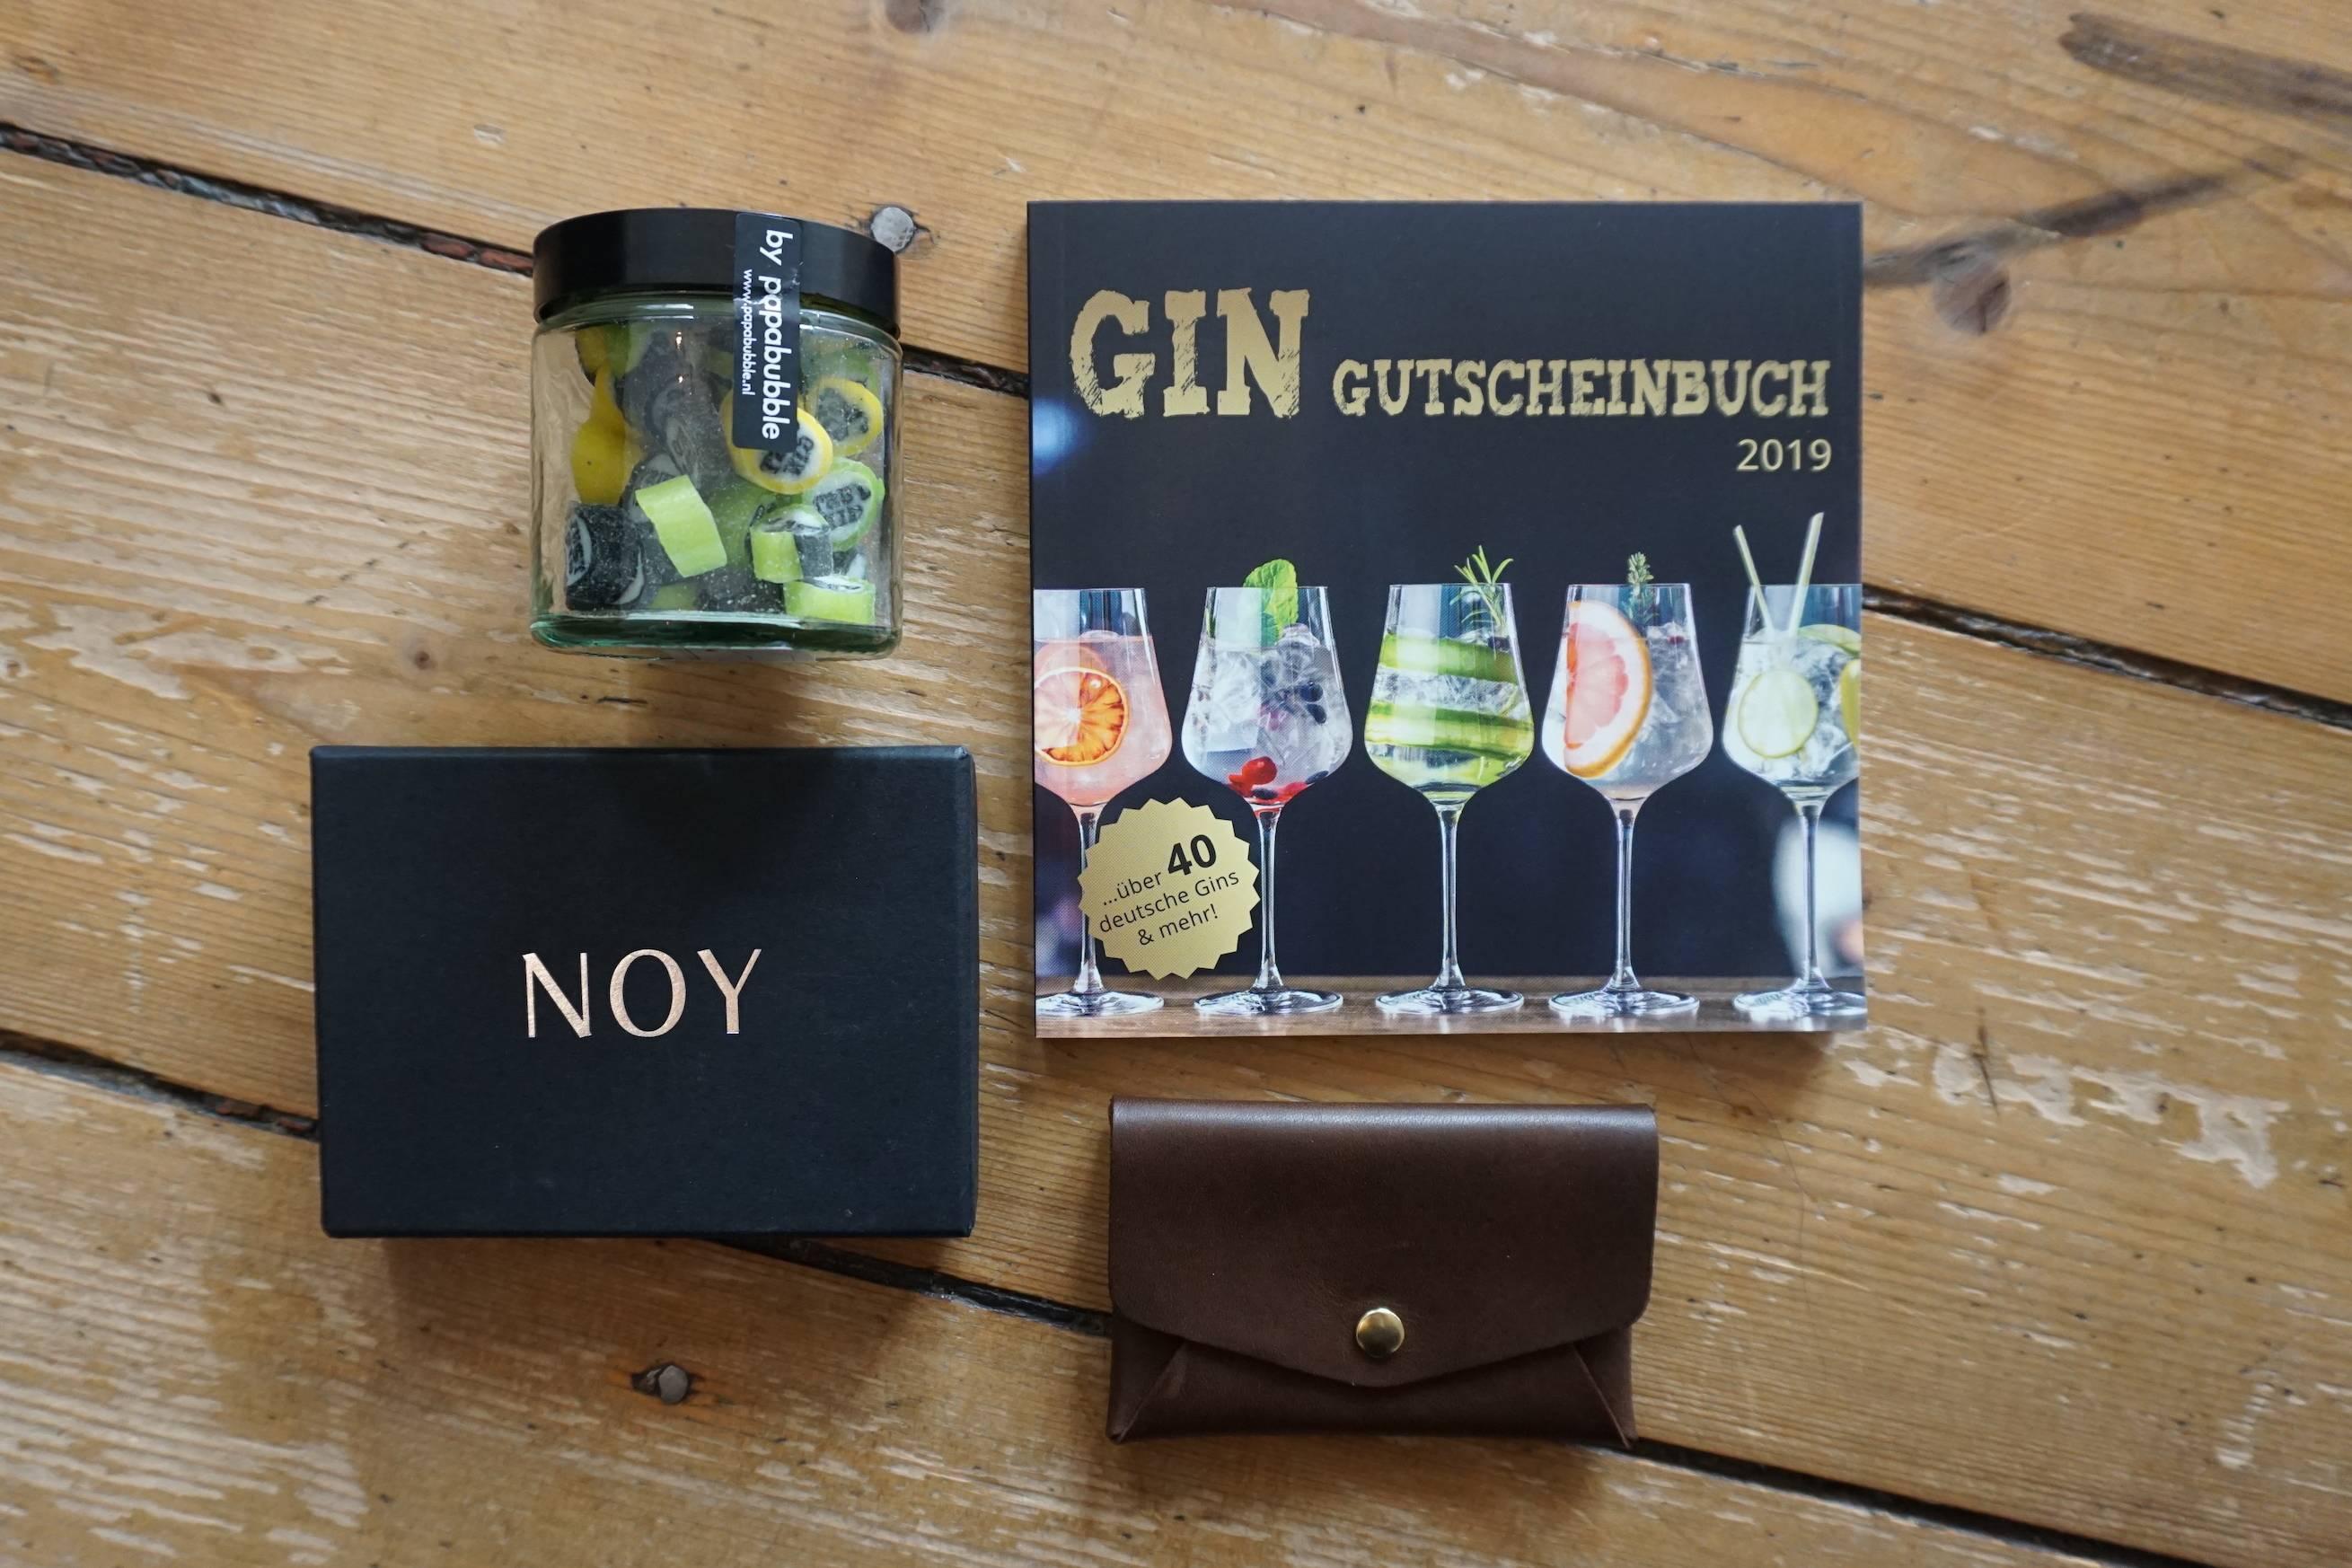 Gin, Gutscheinbox, Bonbon, Origami Wallet, Verlosung